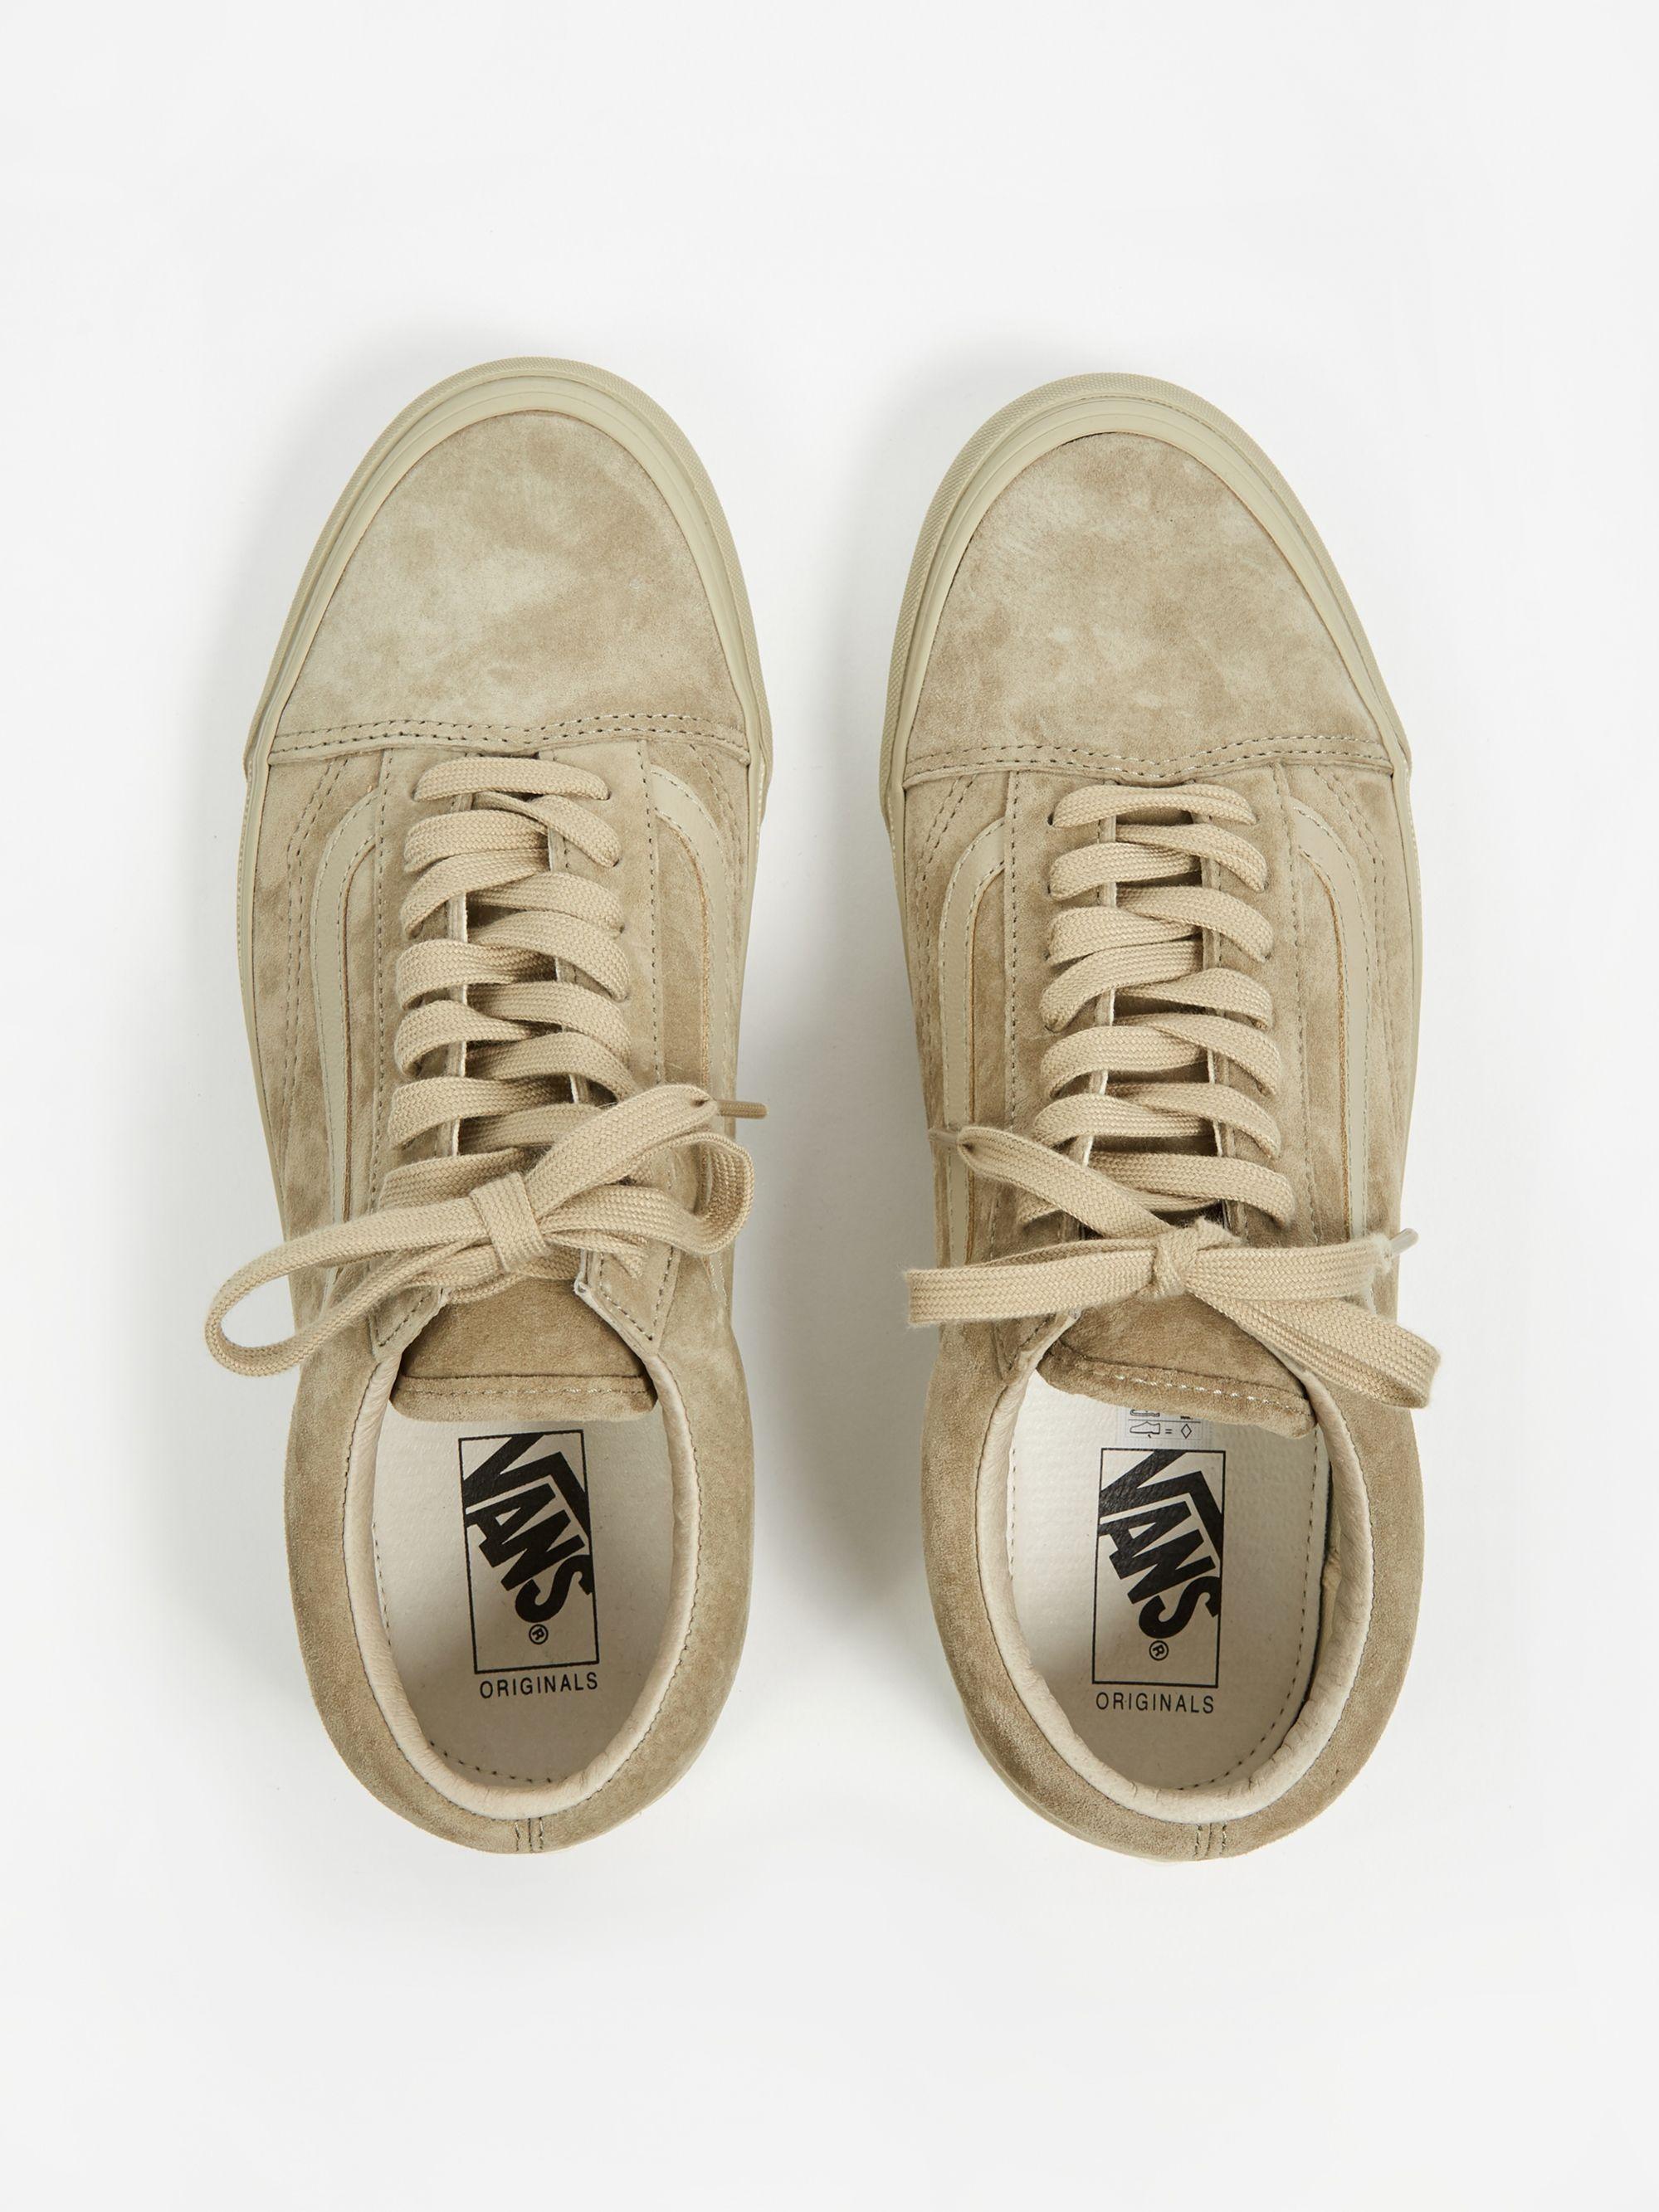 Vans Vault OG Old Skool LX - (Leather